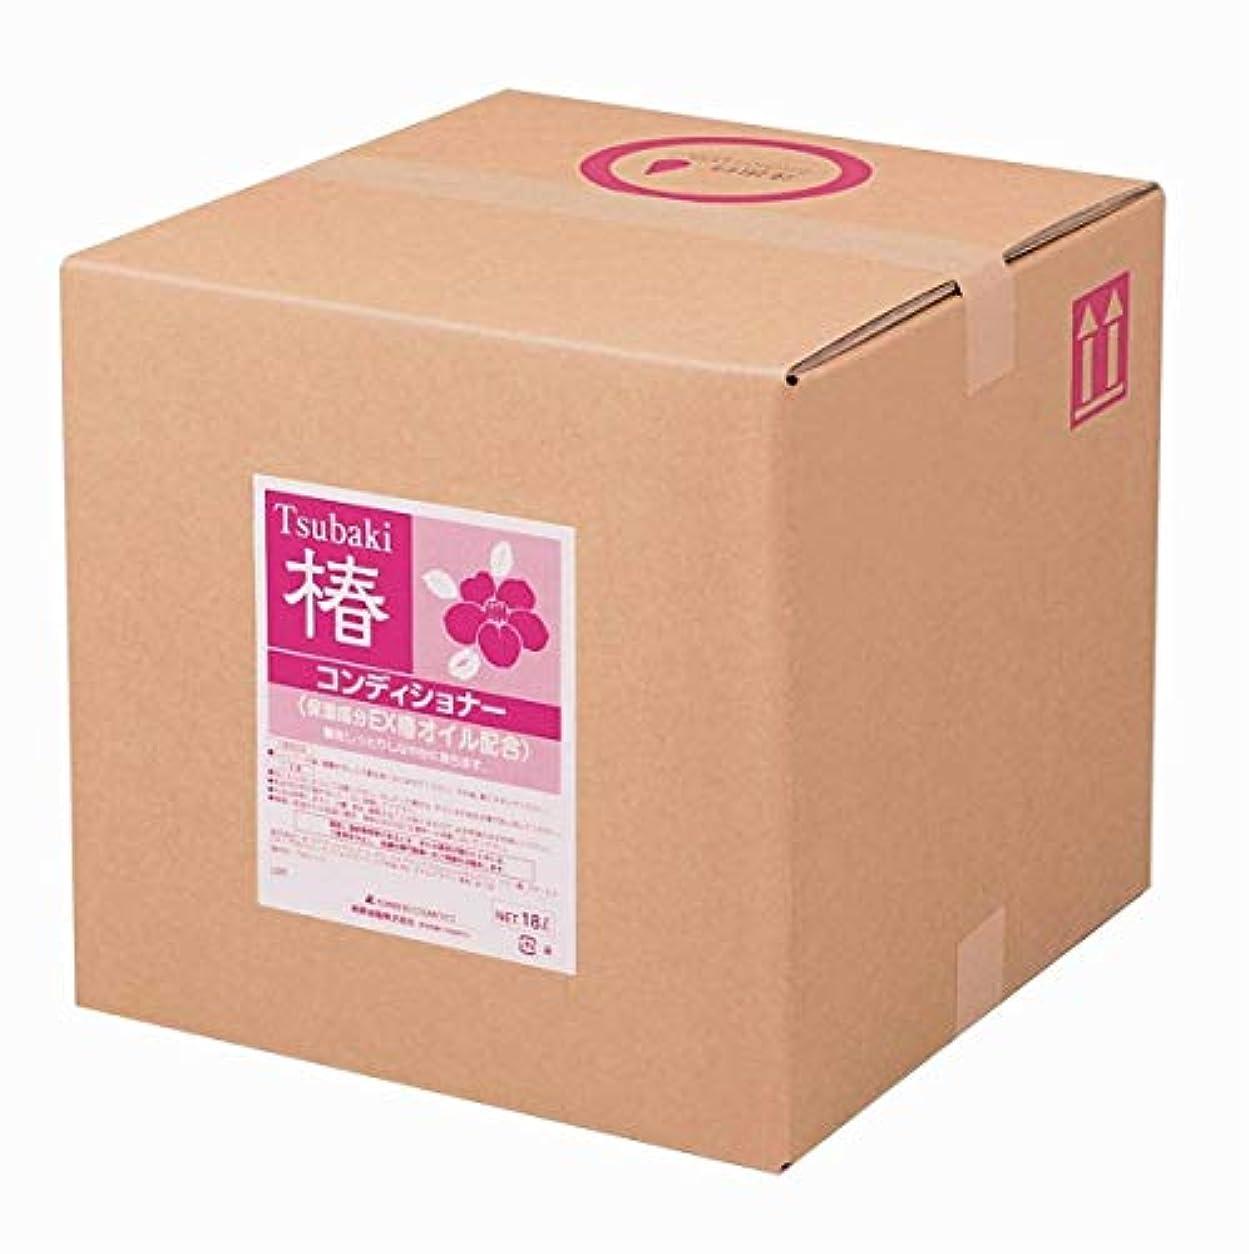 歯車生きるコミュニティ業務用 SCRITT(スクリット) 椿 コンディショナー 18L 熊野油脂 (コック無し)